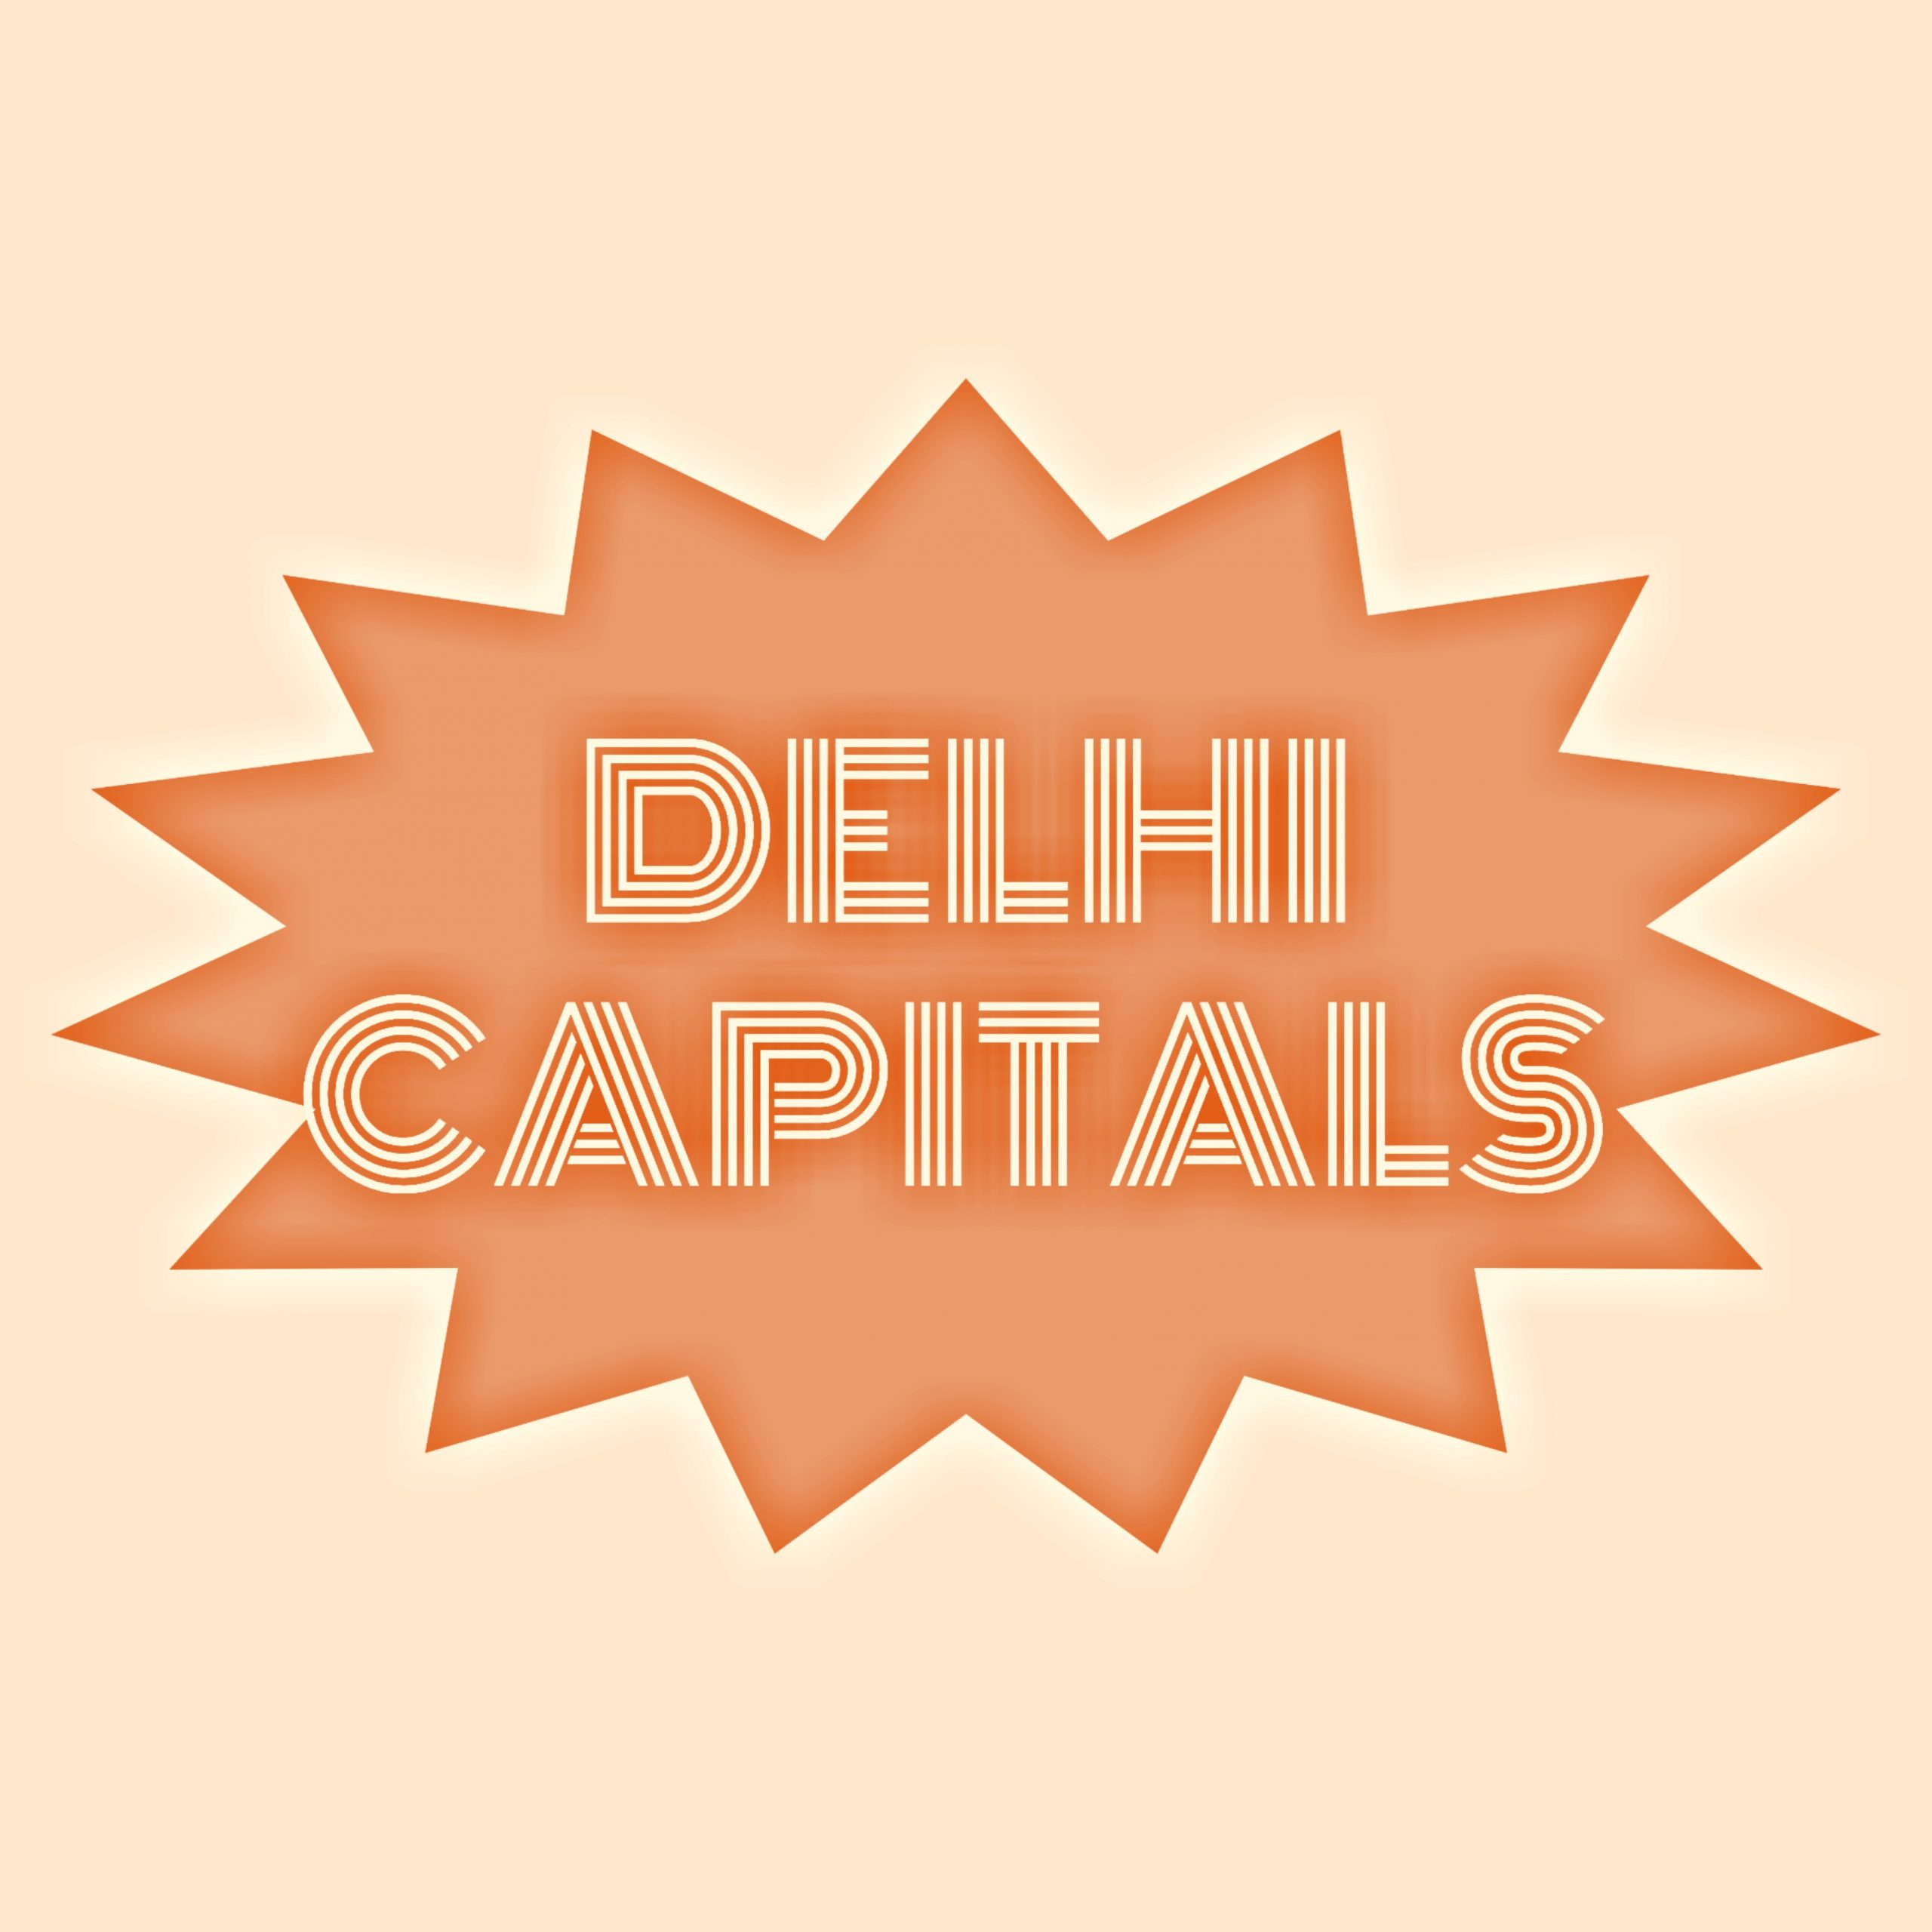 Delhi Capitals illustration